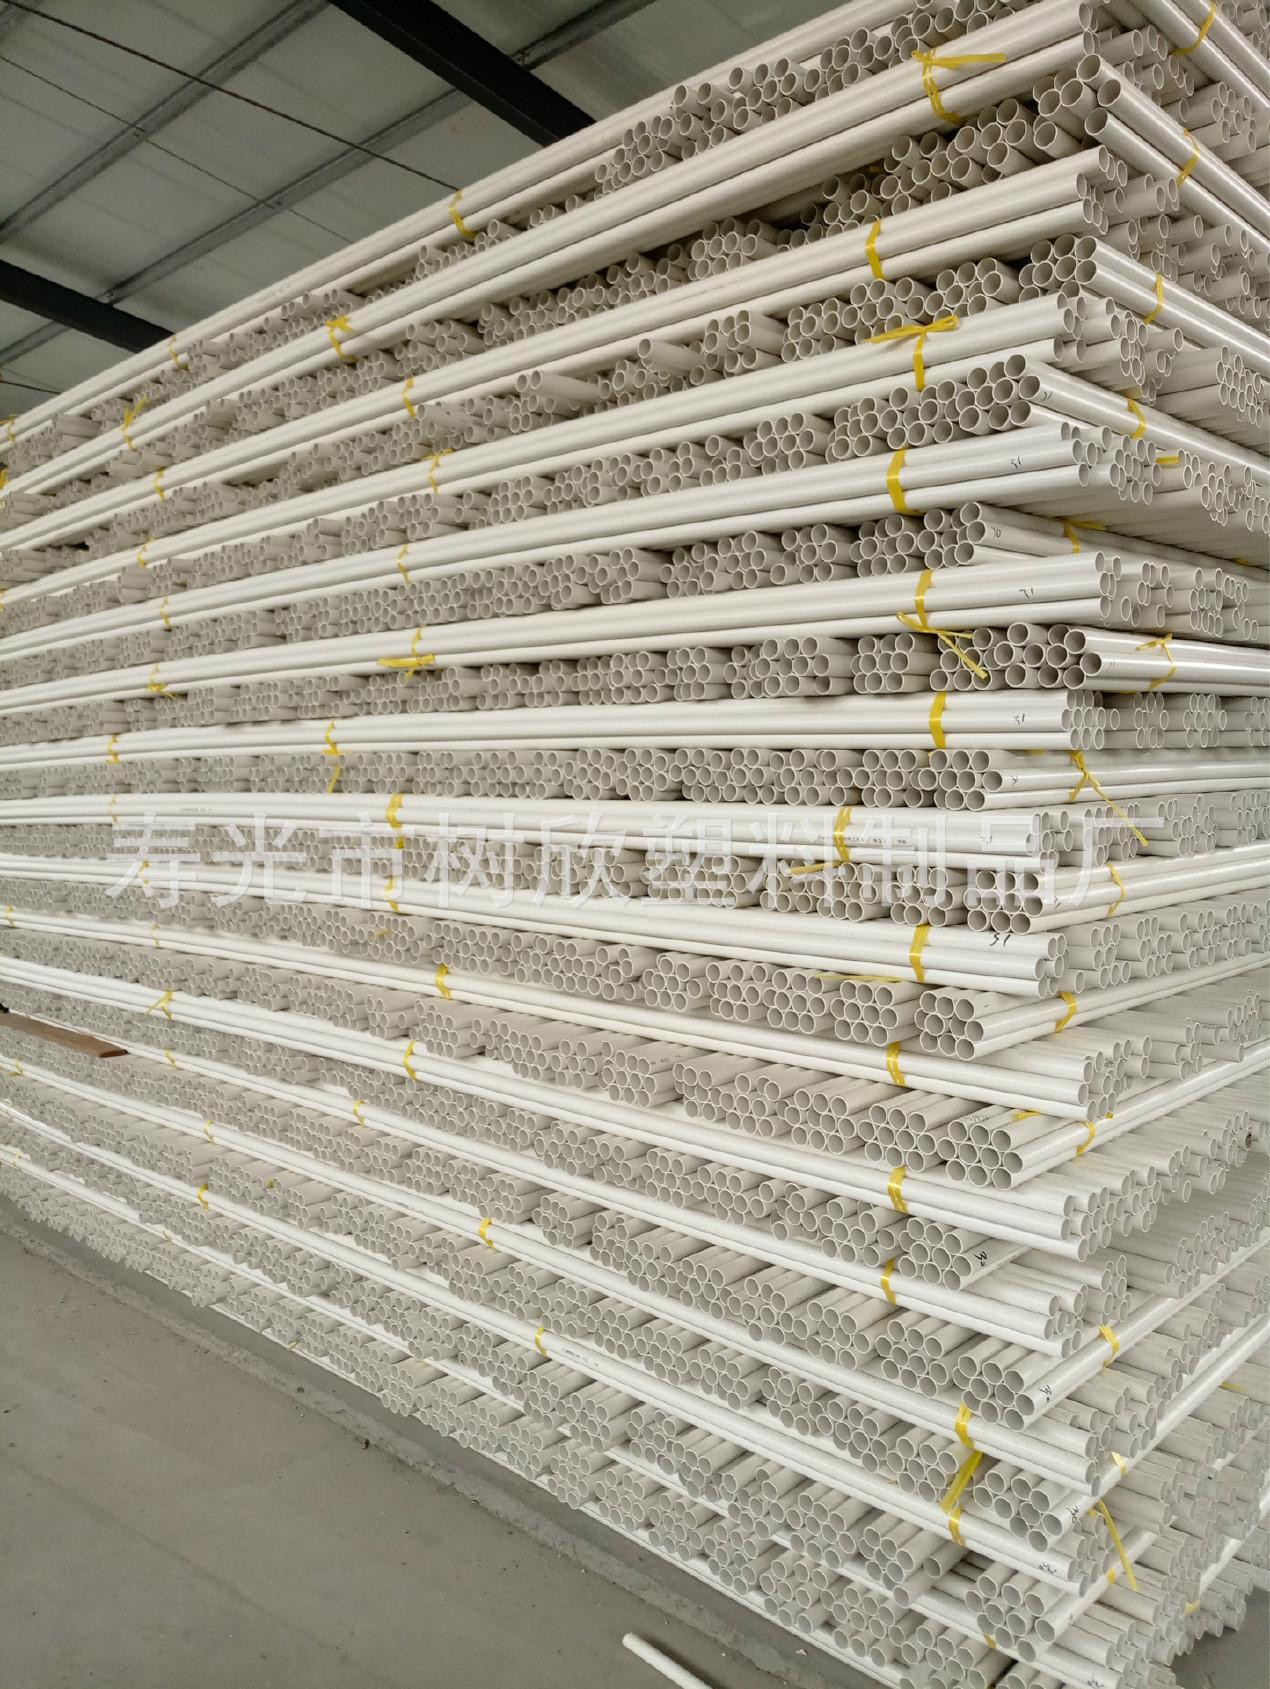 pvc电工套管 pvc阻燃建筑用绝缘电工套管 PVC电线管穿线管批发示例图39